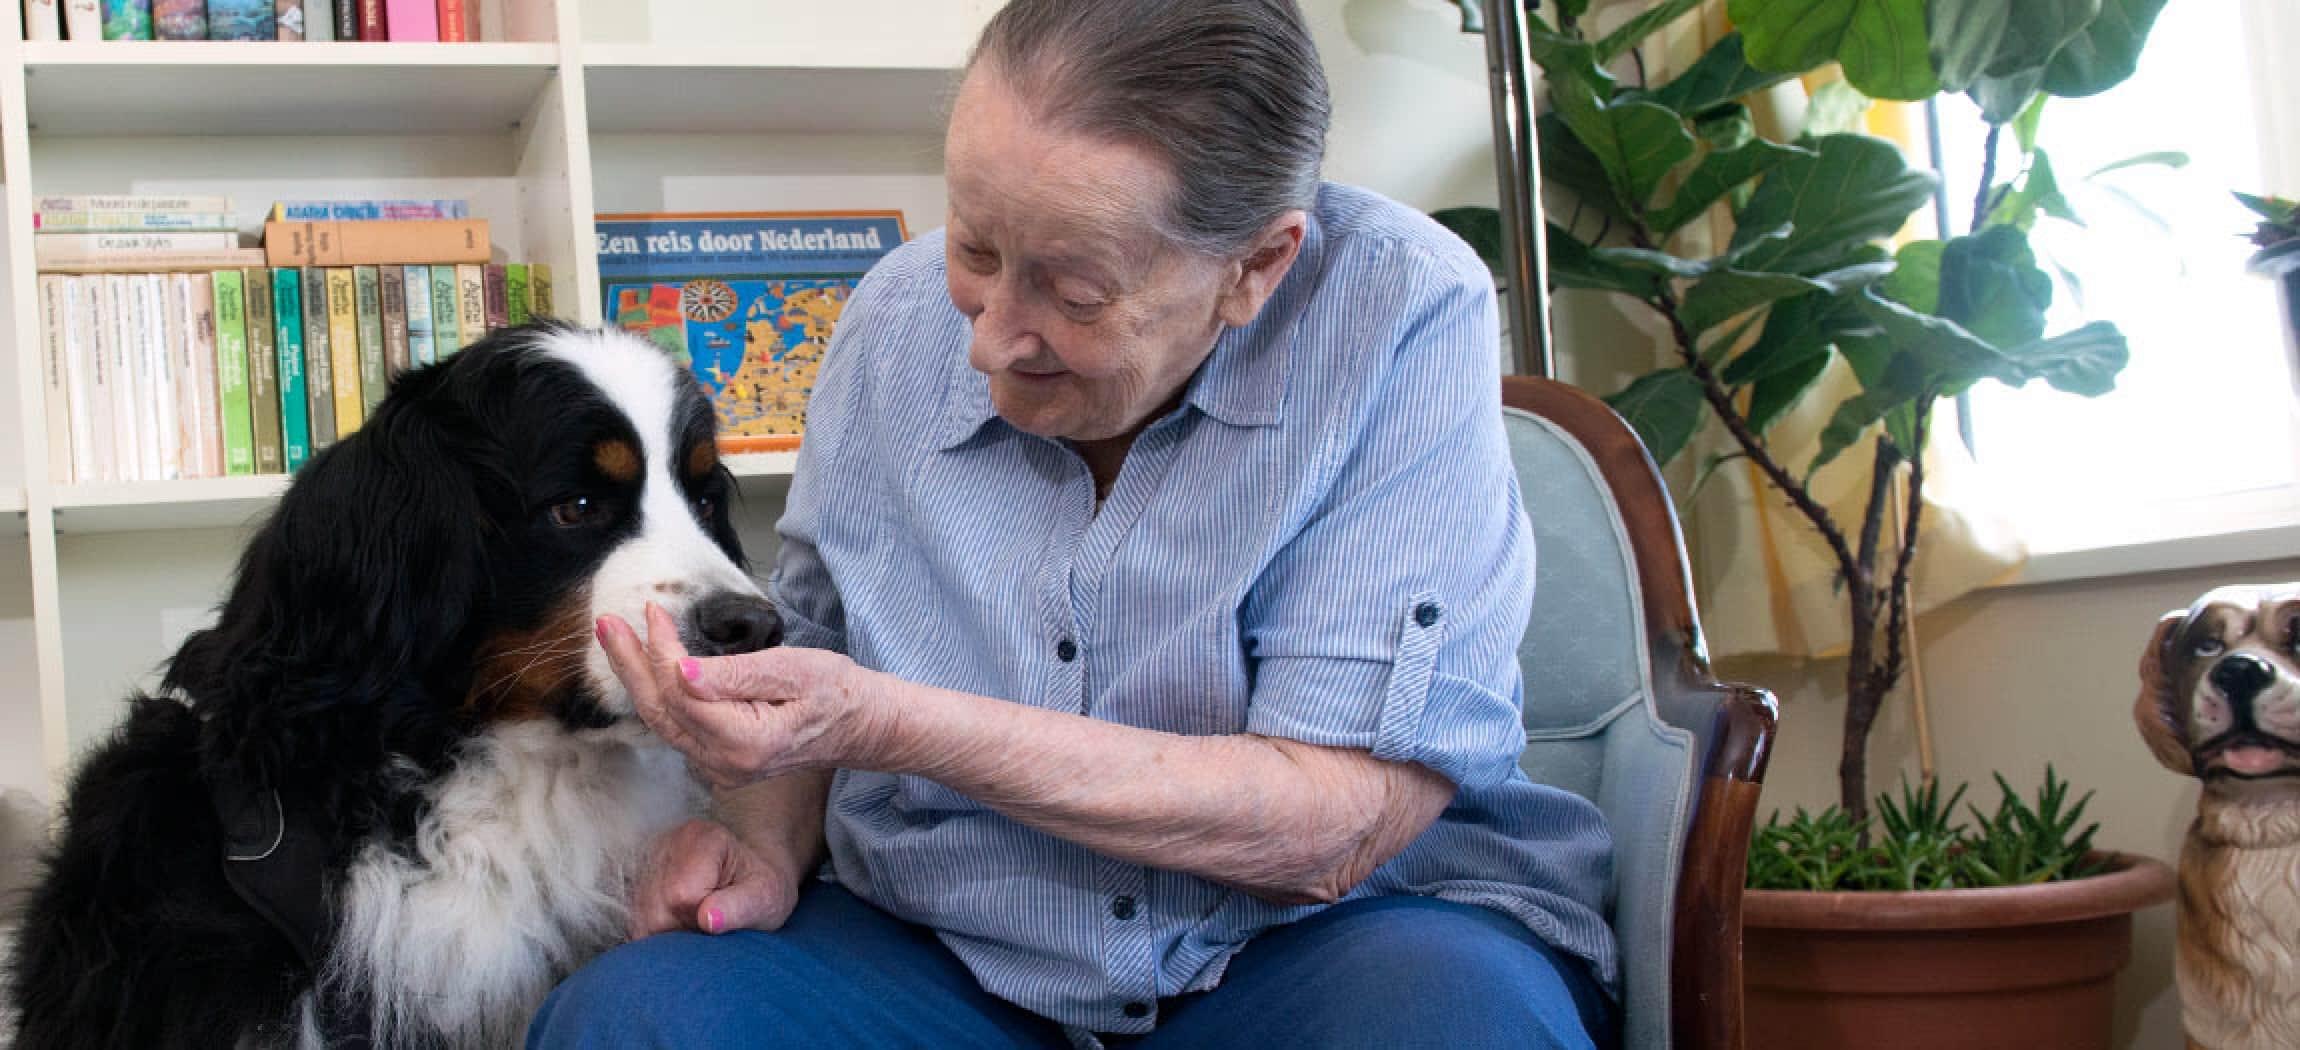 Afbeelding van Vreugdehof bij dementie